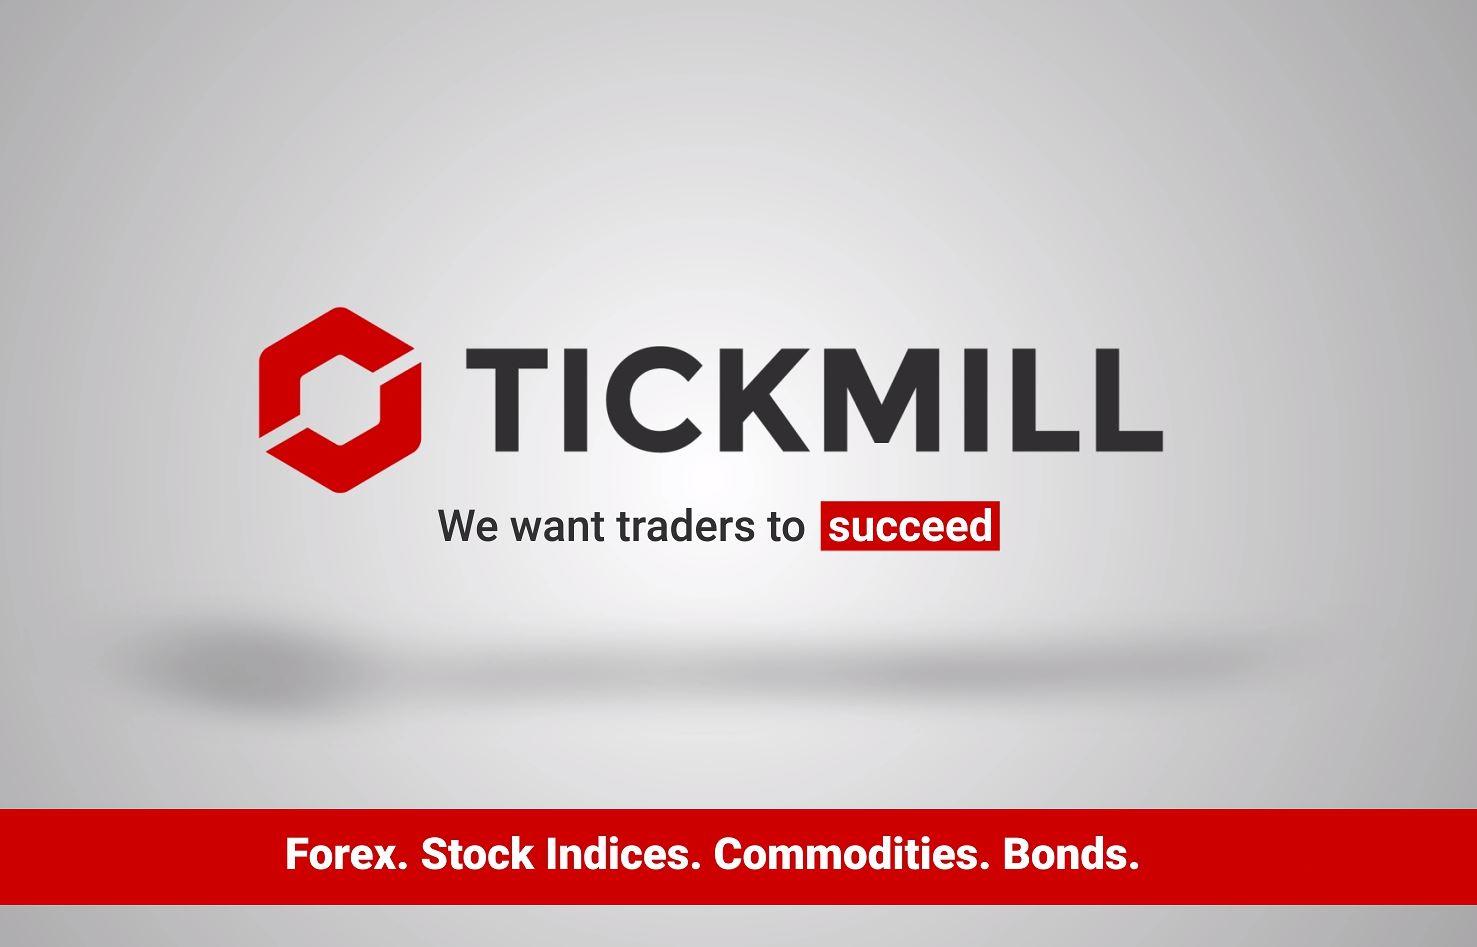 Hướng dẫn nạp rút tiền trên tài khoản Tickmill